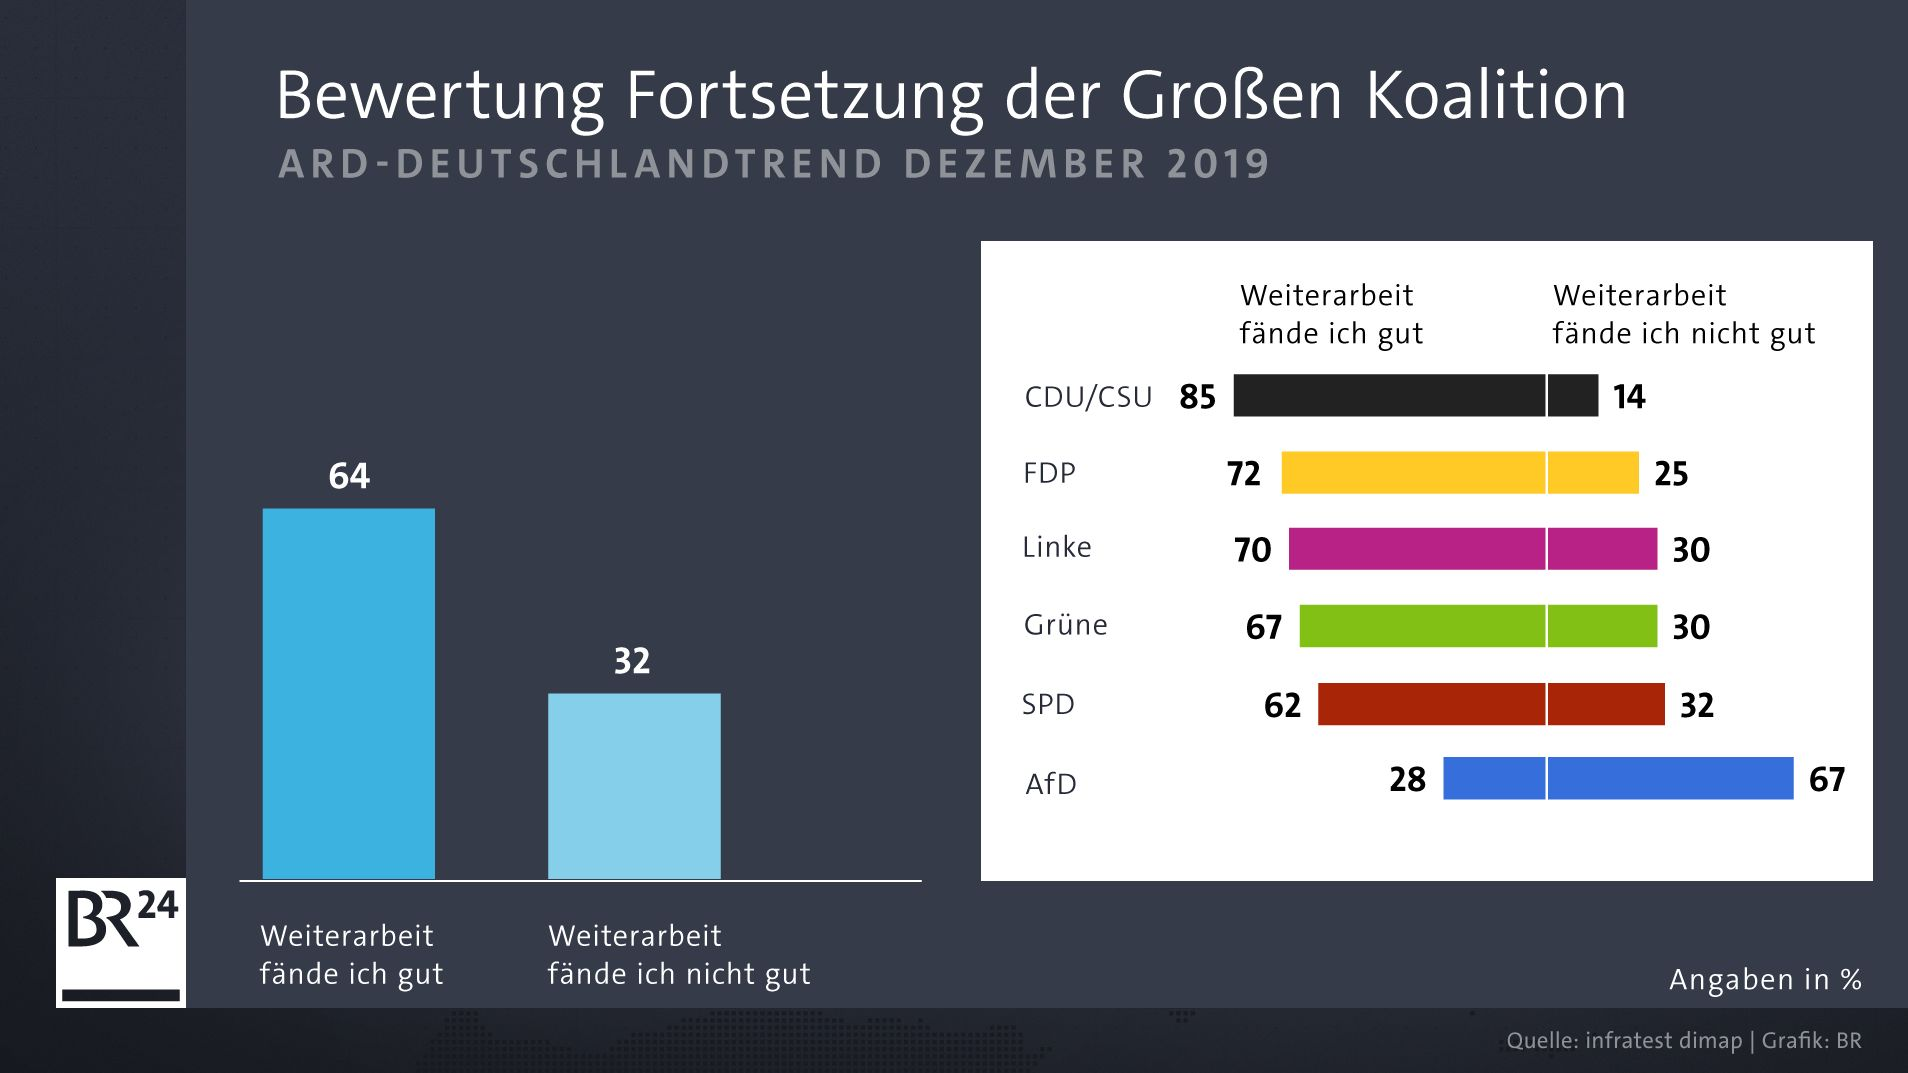 ARD-DeutschlandTrend: Bewertung Fortsetzung der Großen Koalition